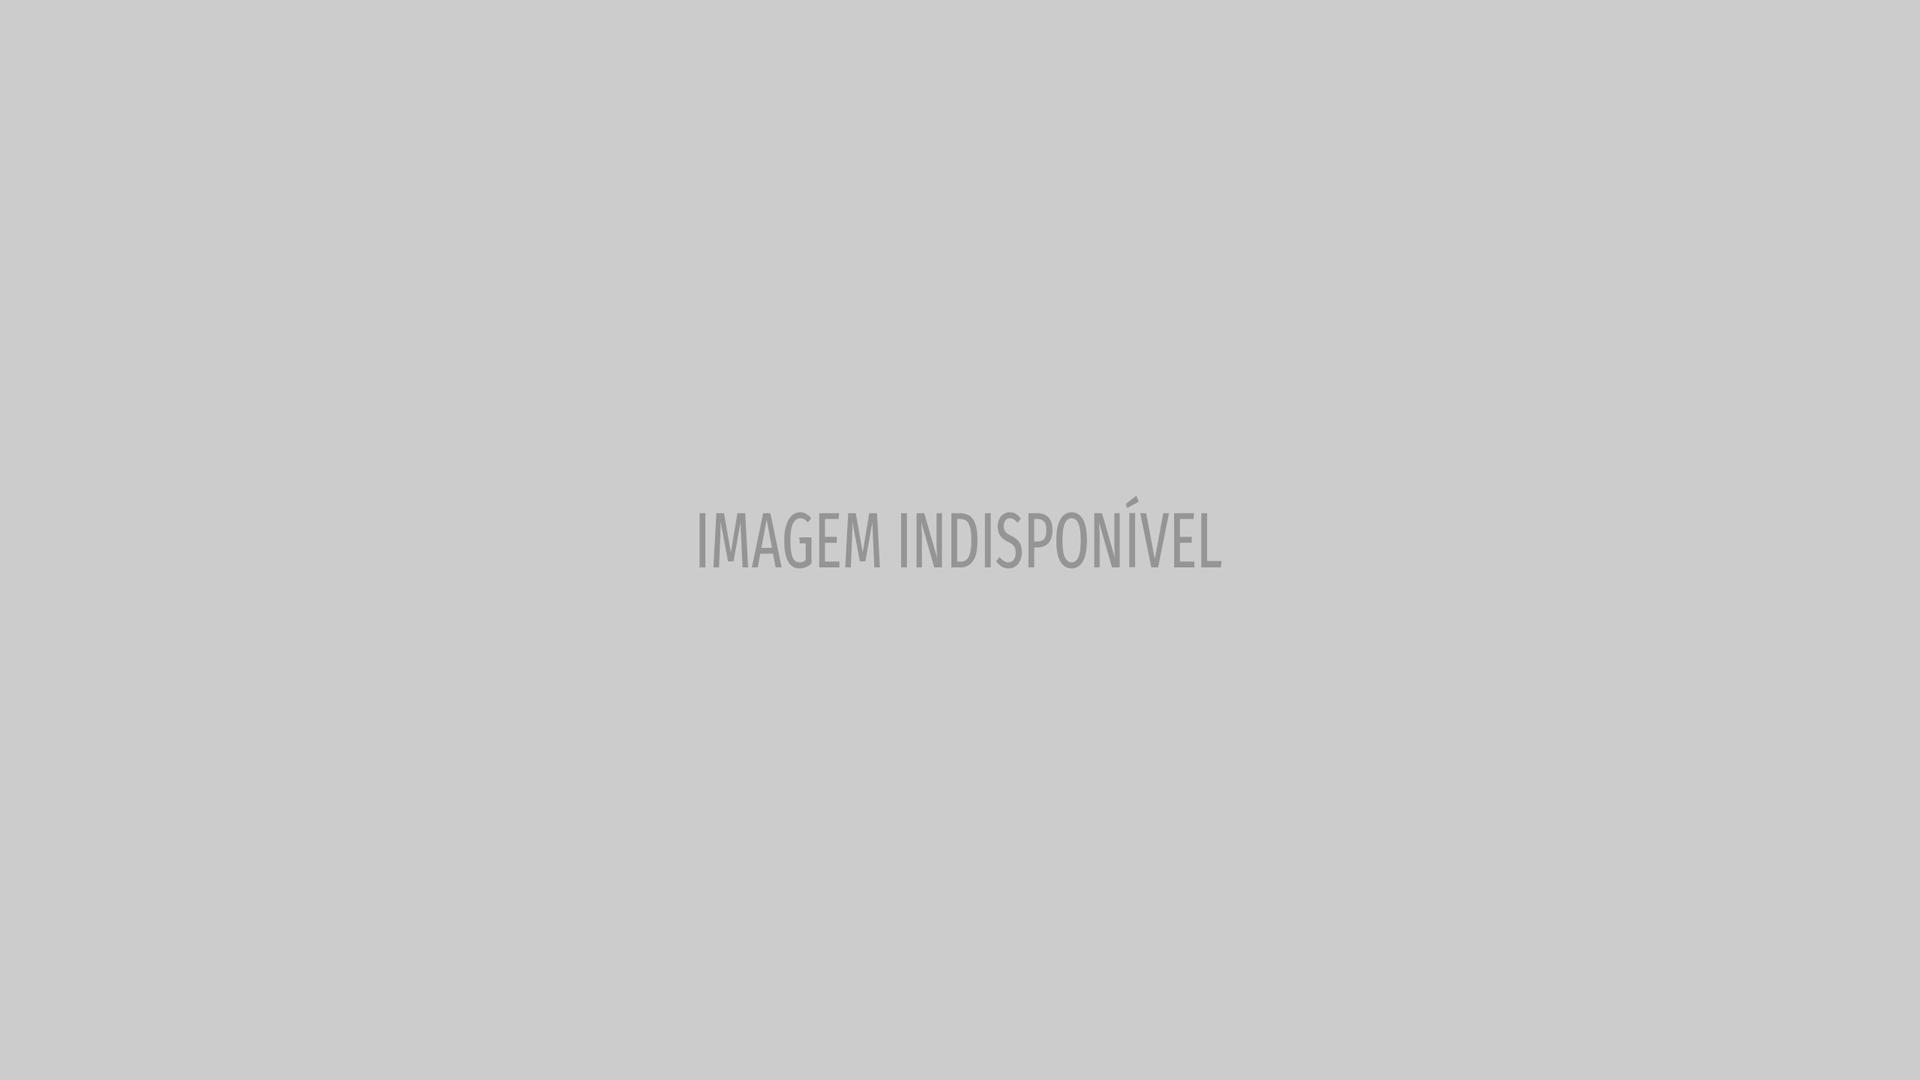 DJ David Morales preso após ser apanhado com ecstasy